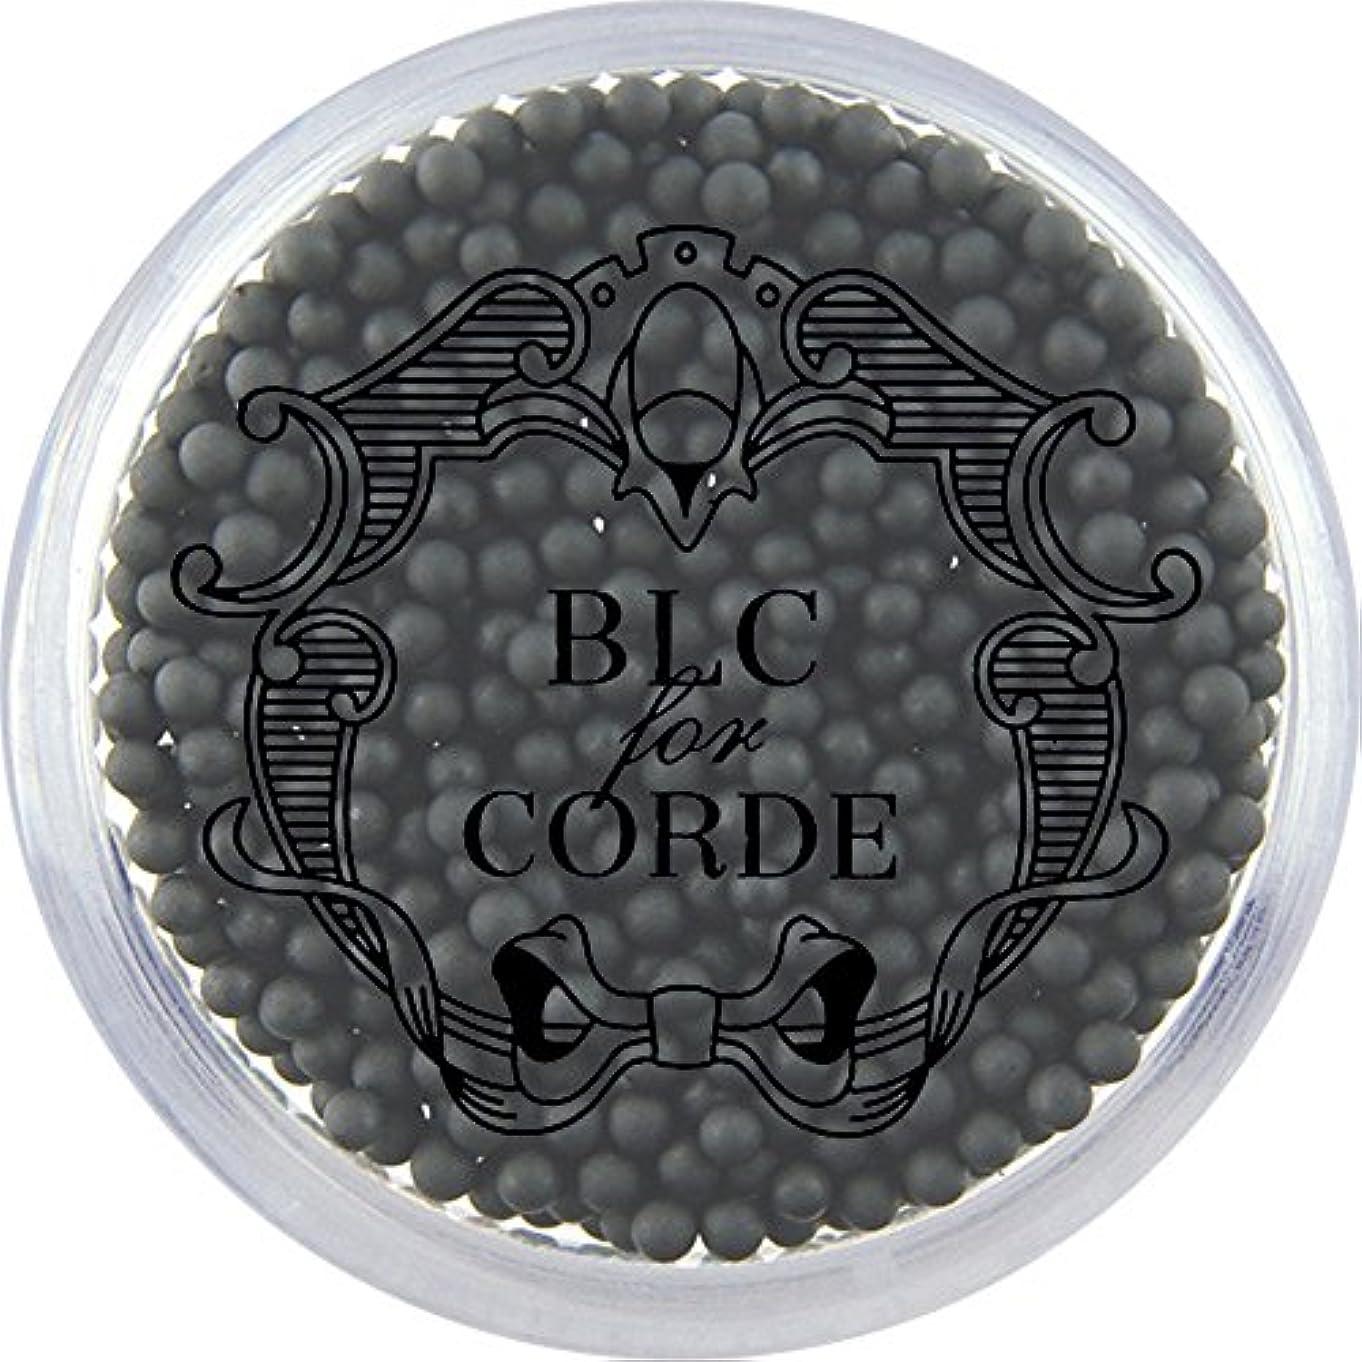 放課後ブラジャー苦味BLC FOR CORDE ガラスブリオン ブラック